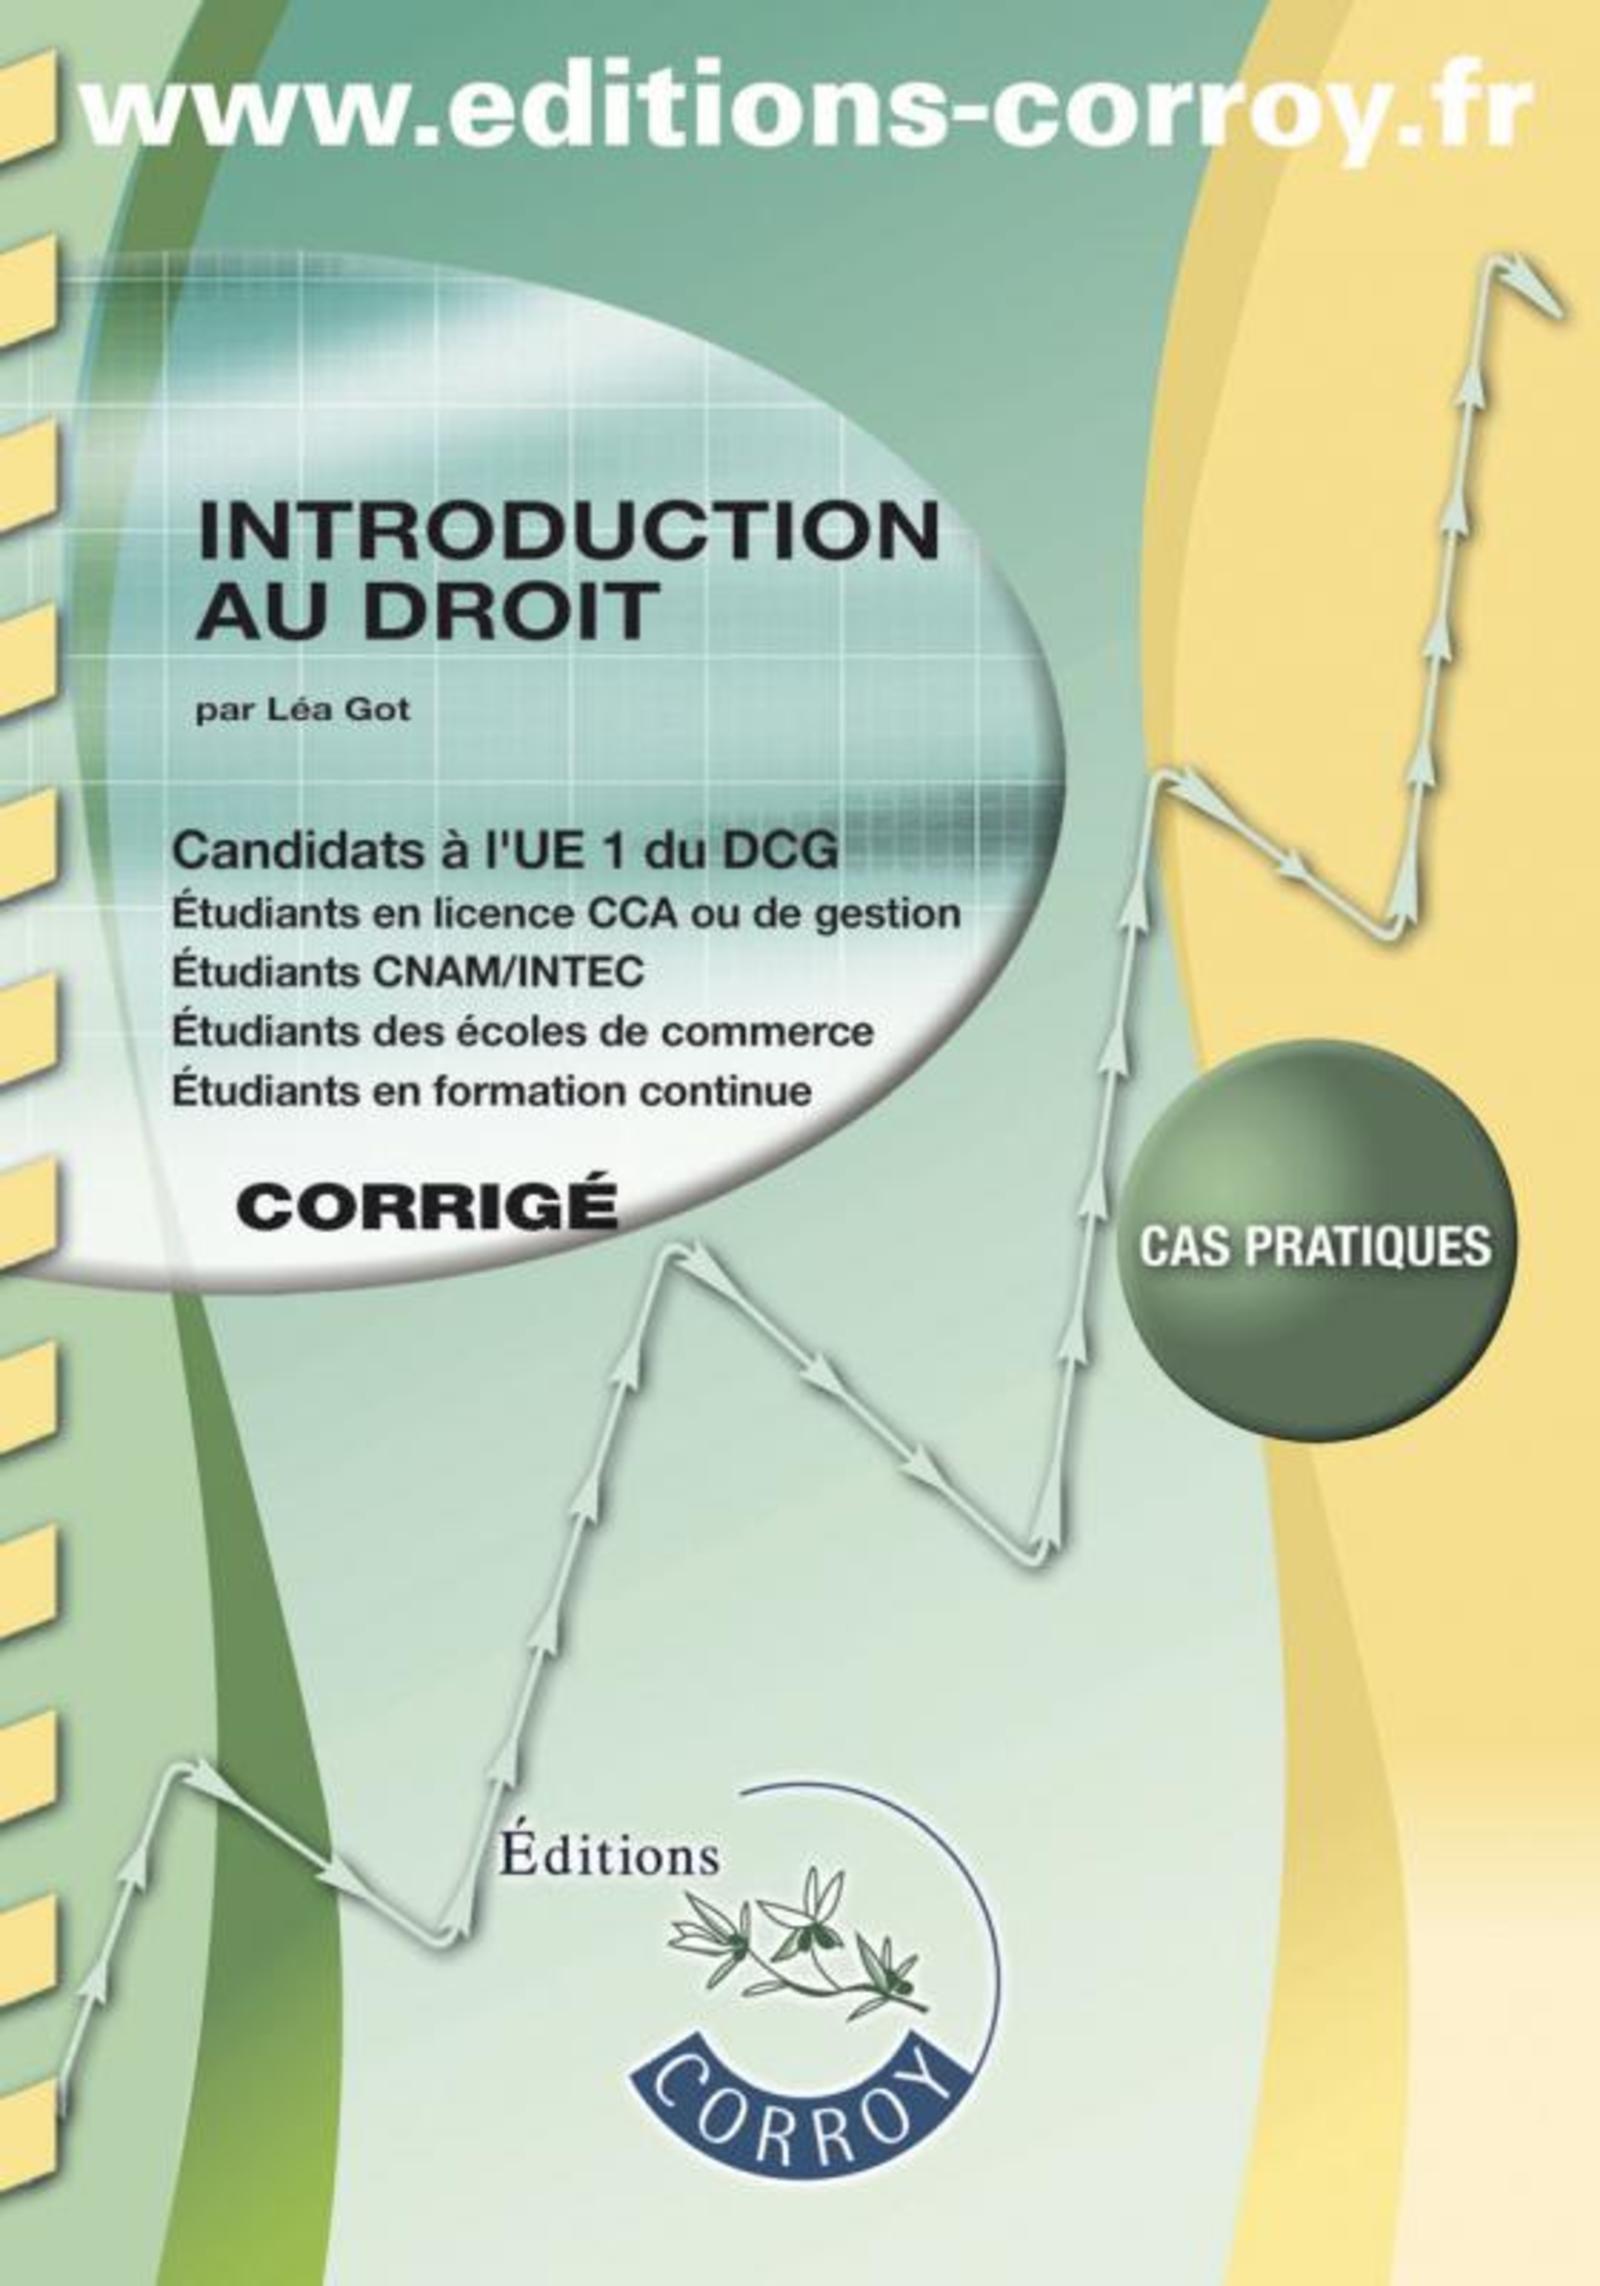 INTRODUCTION AU DROIT - CORRIGE - UE 1 DU DCG